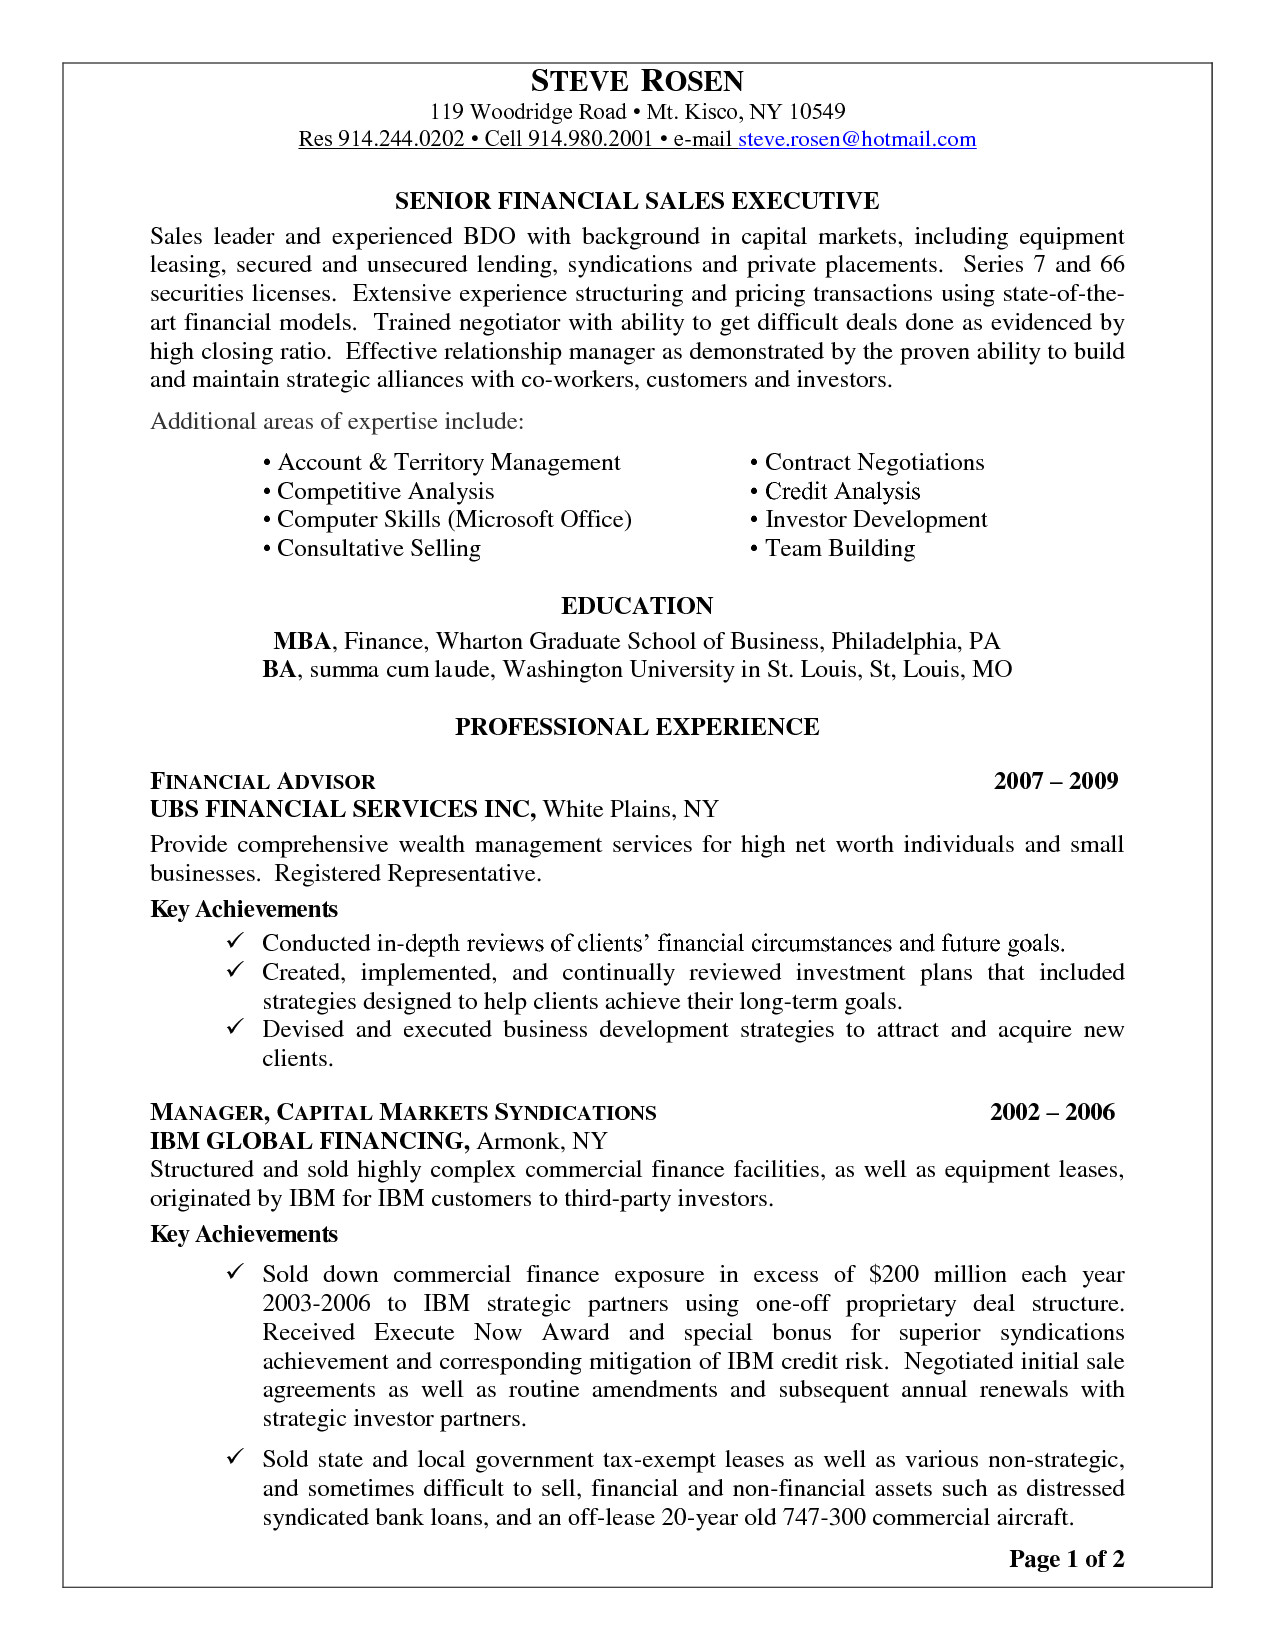 financial advisor resume cover letter examples